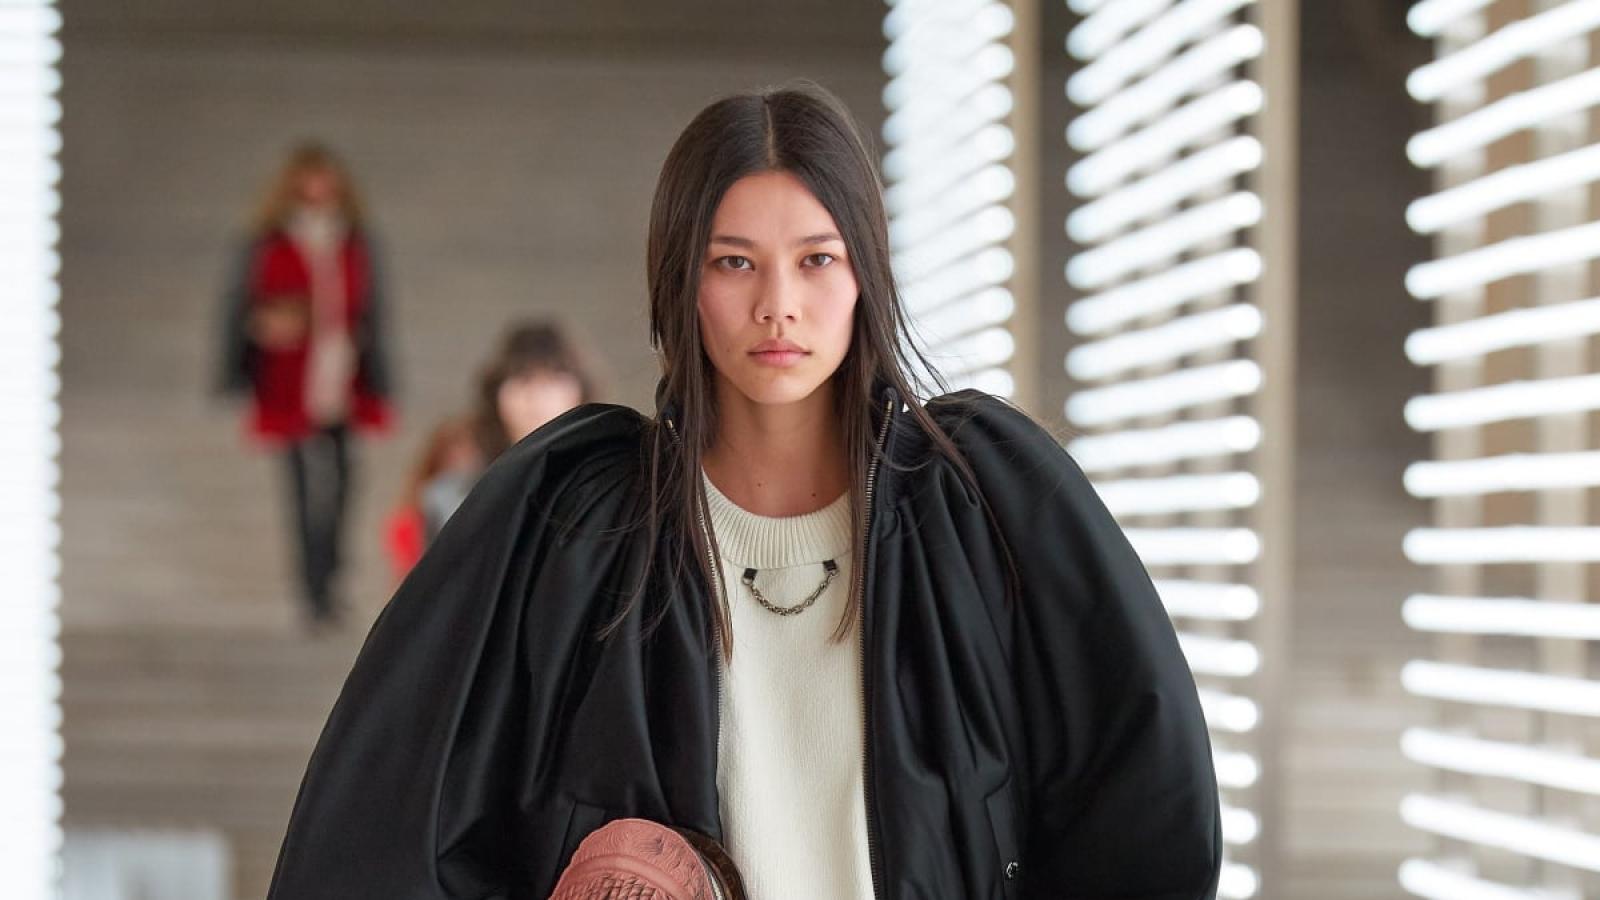 Người mẫu gốc Việt toả sáng trên sàn diễn Thu - Đông 2021 của Louis Vuitton